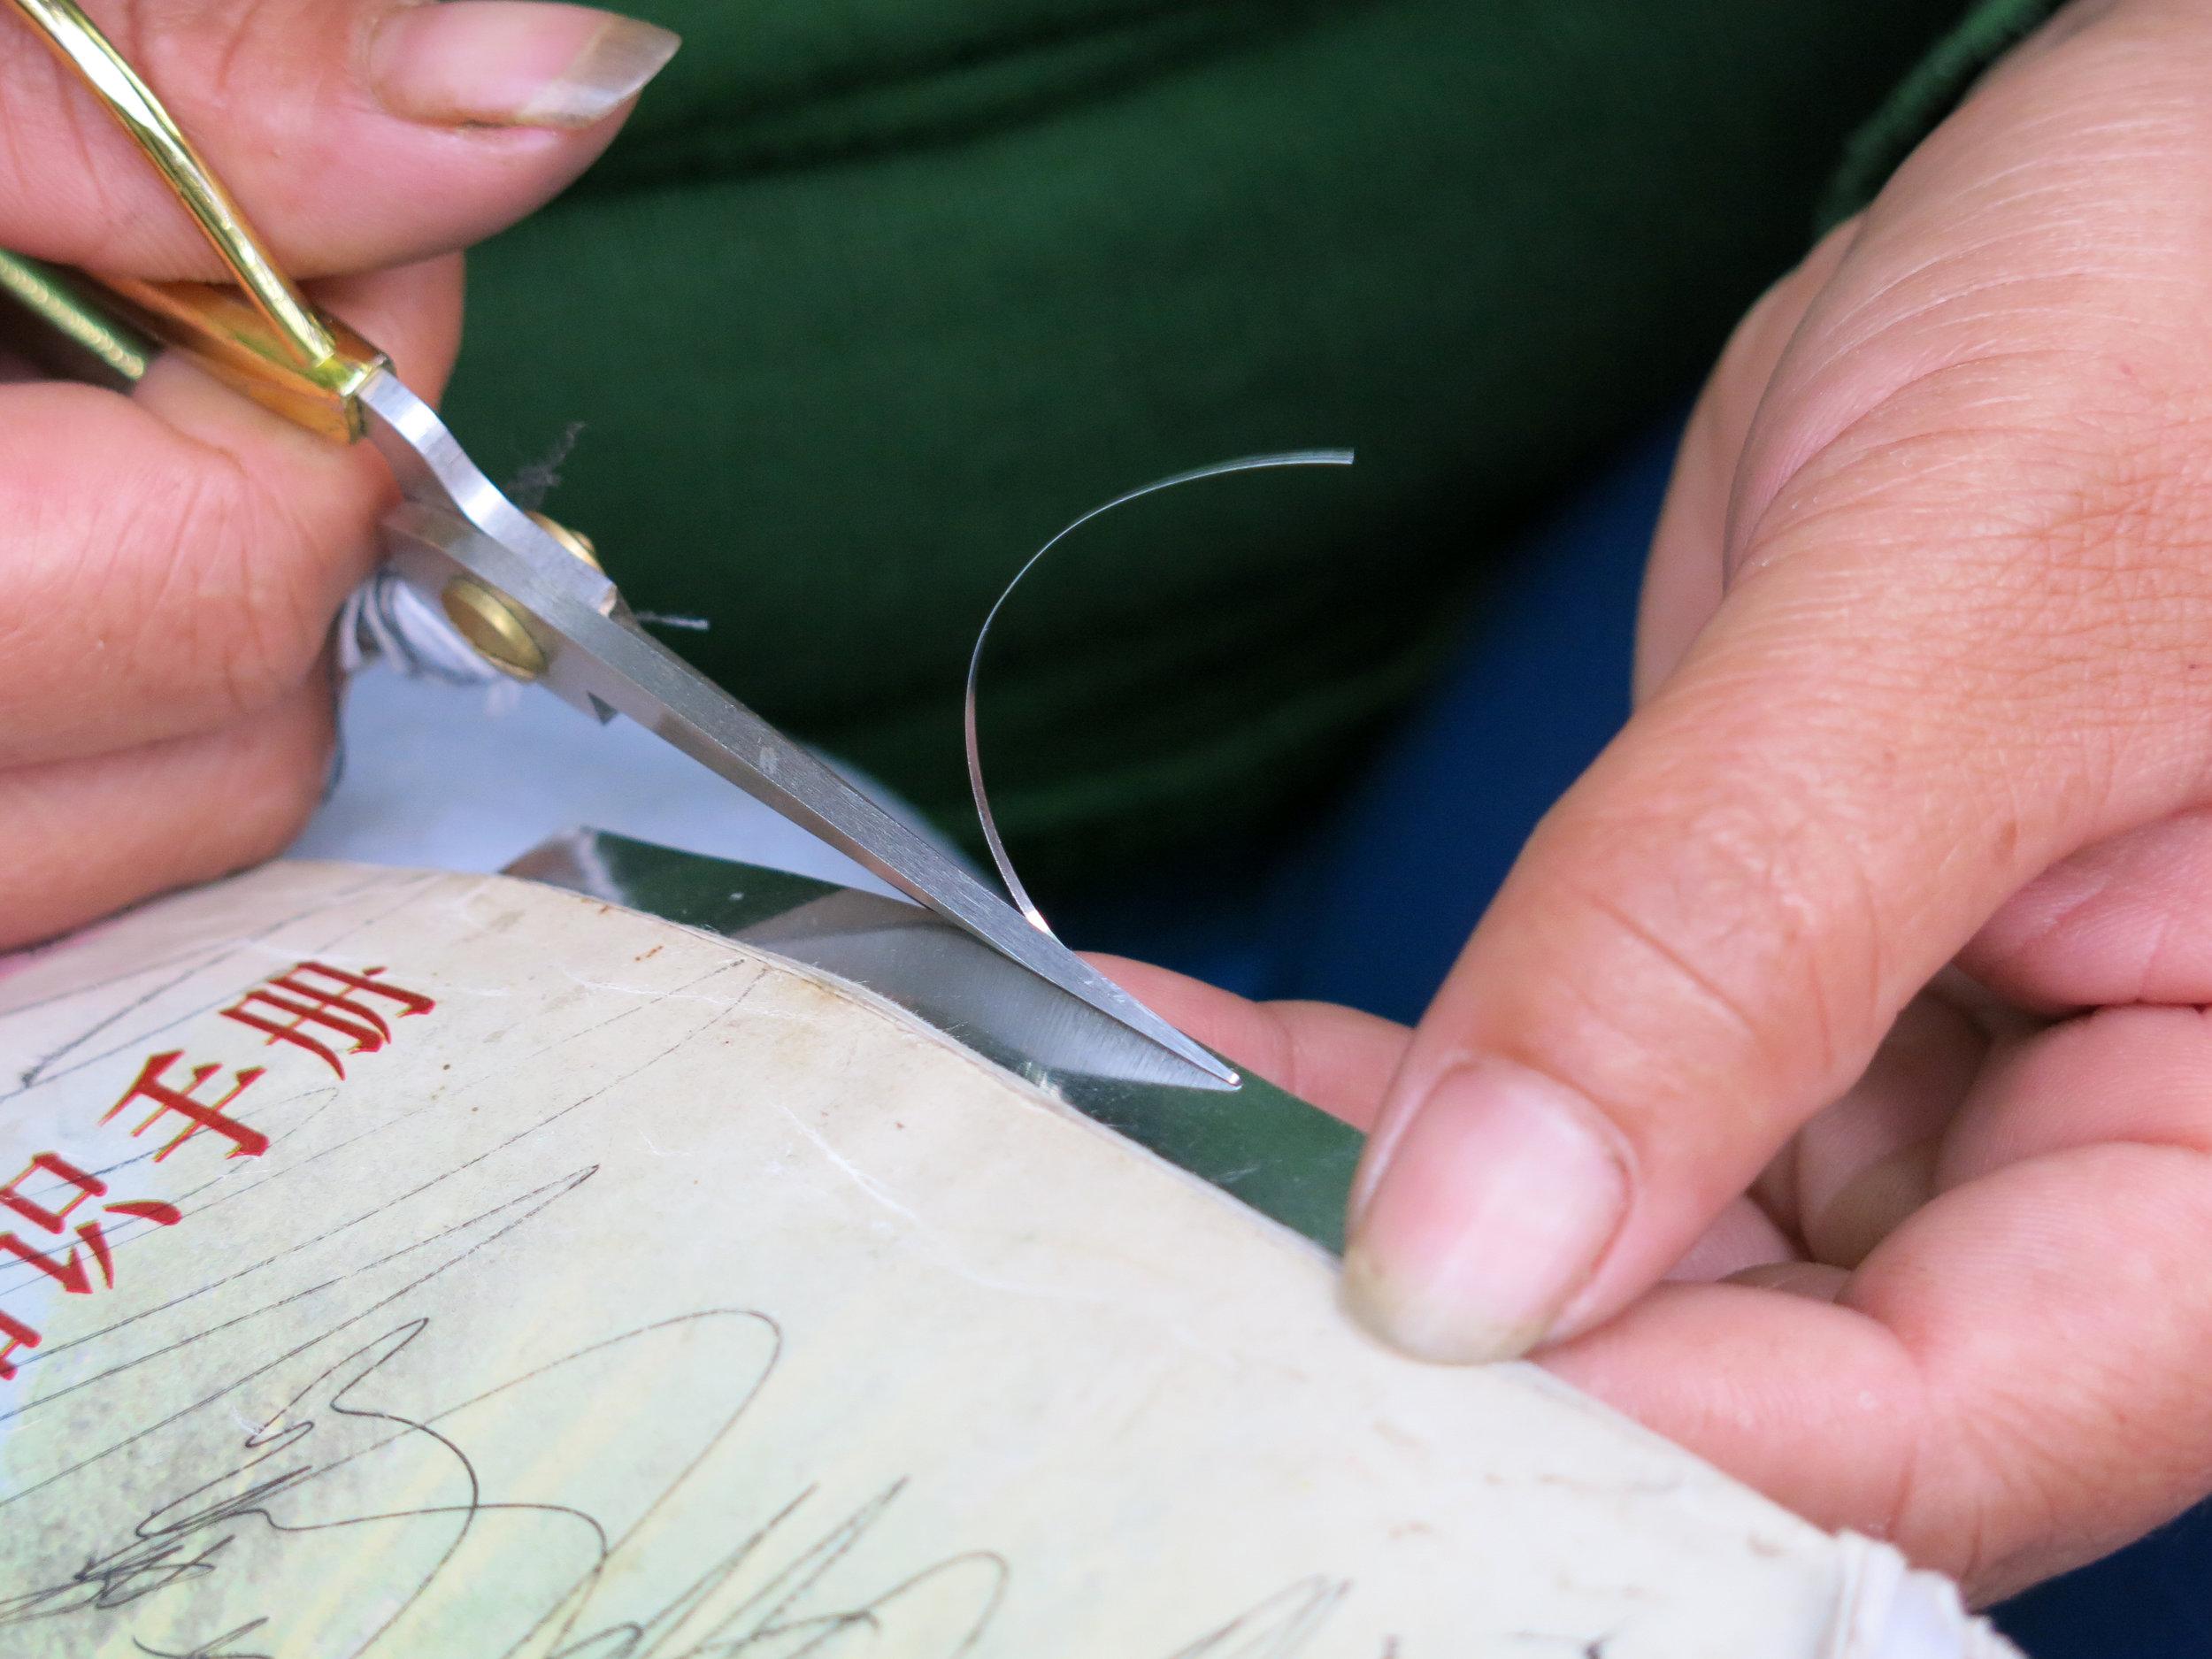 Tin sheet stripping